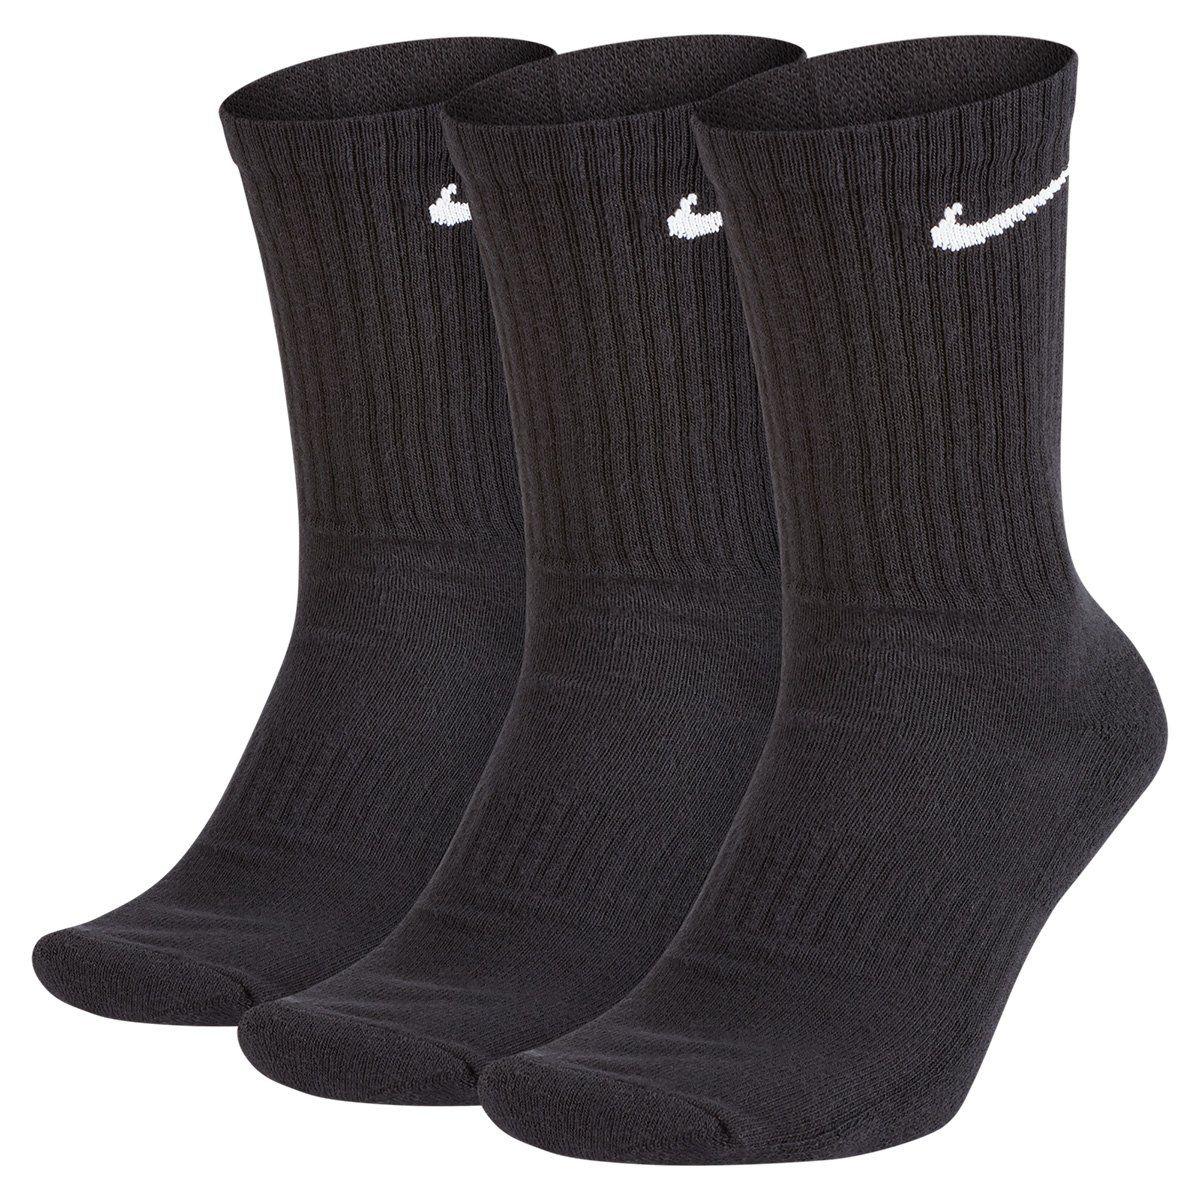 Meia Nike Cano Alto Cushion Crew Preta Com 03 Pares - 34 ao 38